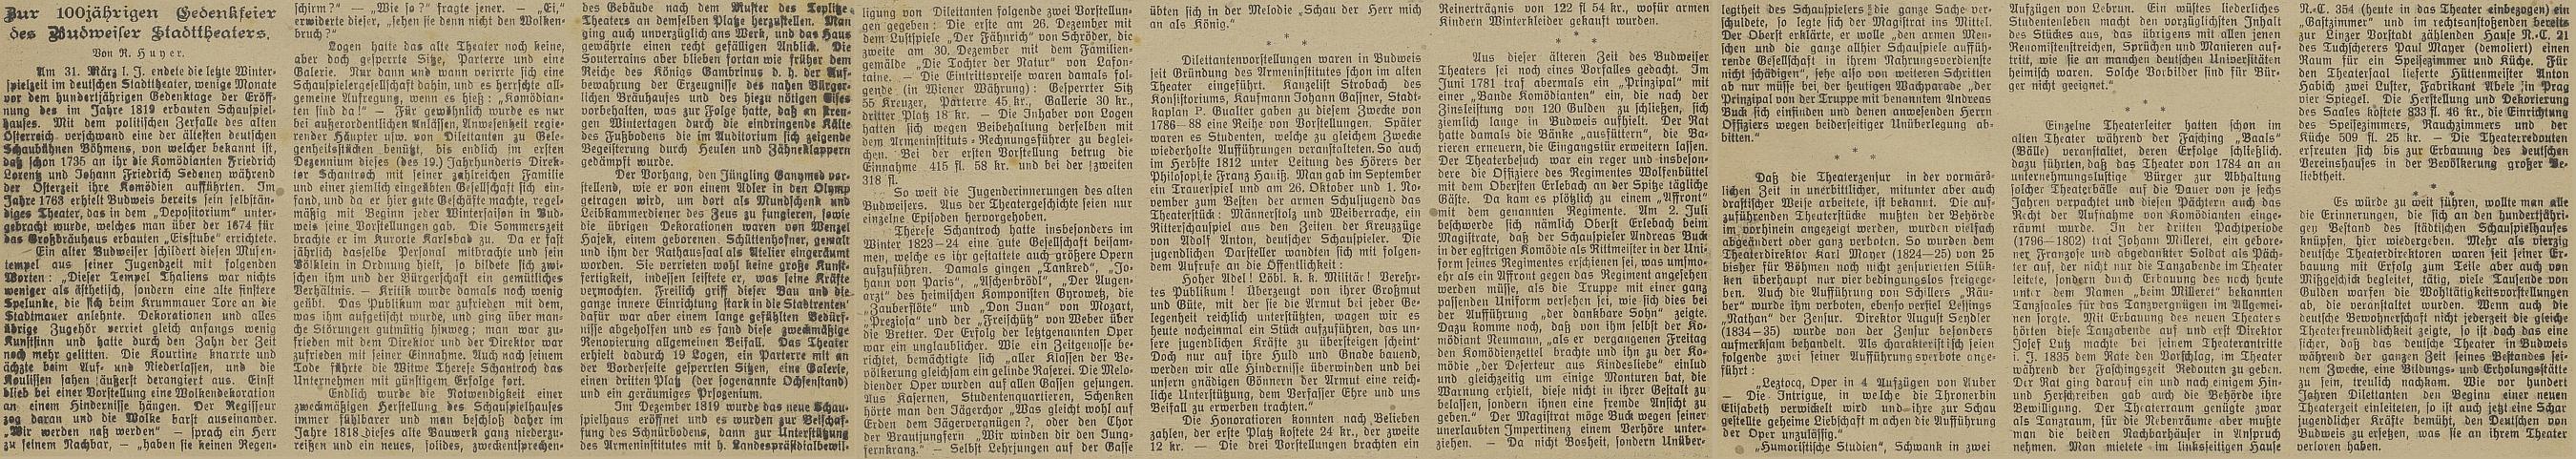 Autorem článku ke 100 letům českobudějovického divadla, který zmiňuje i Lutze, byl v místním německém listu Reinhold Huyer